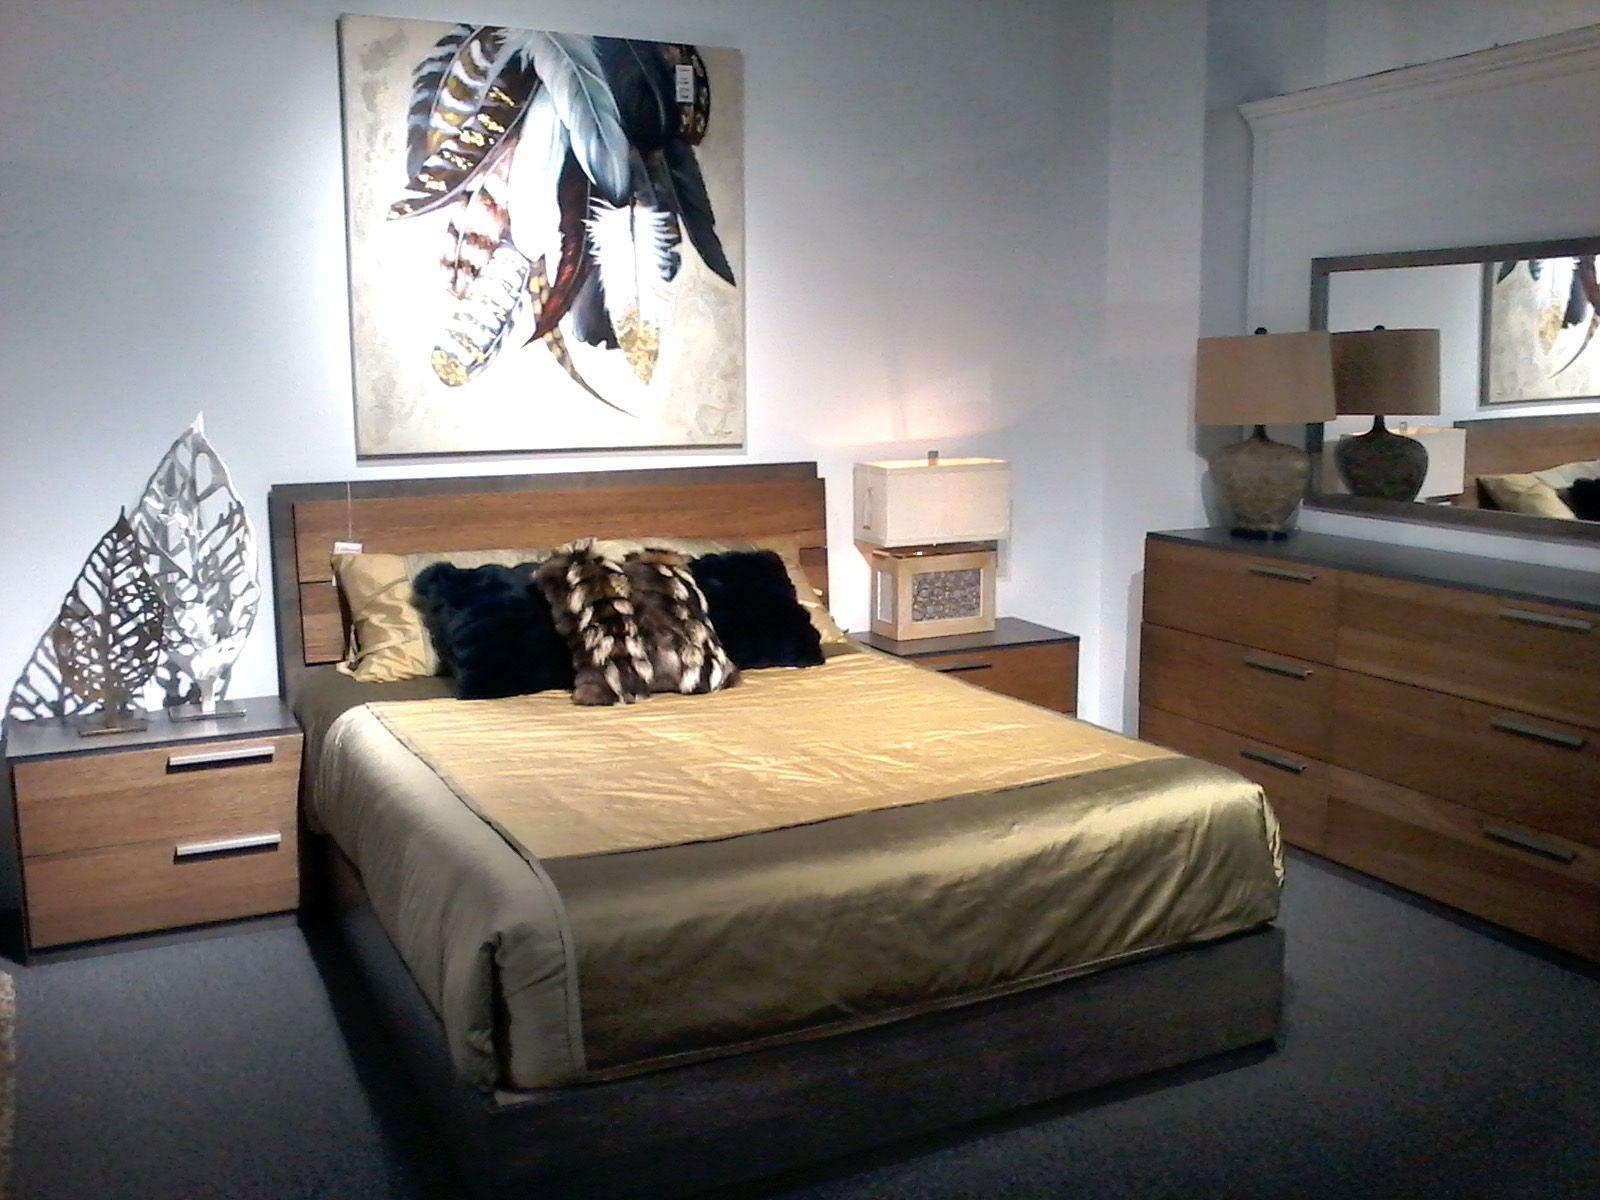 Detente Lit Plumes Bois Dore Jcperreault Mobilier De Salon Decoration Maison Chambre A Coucher